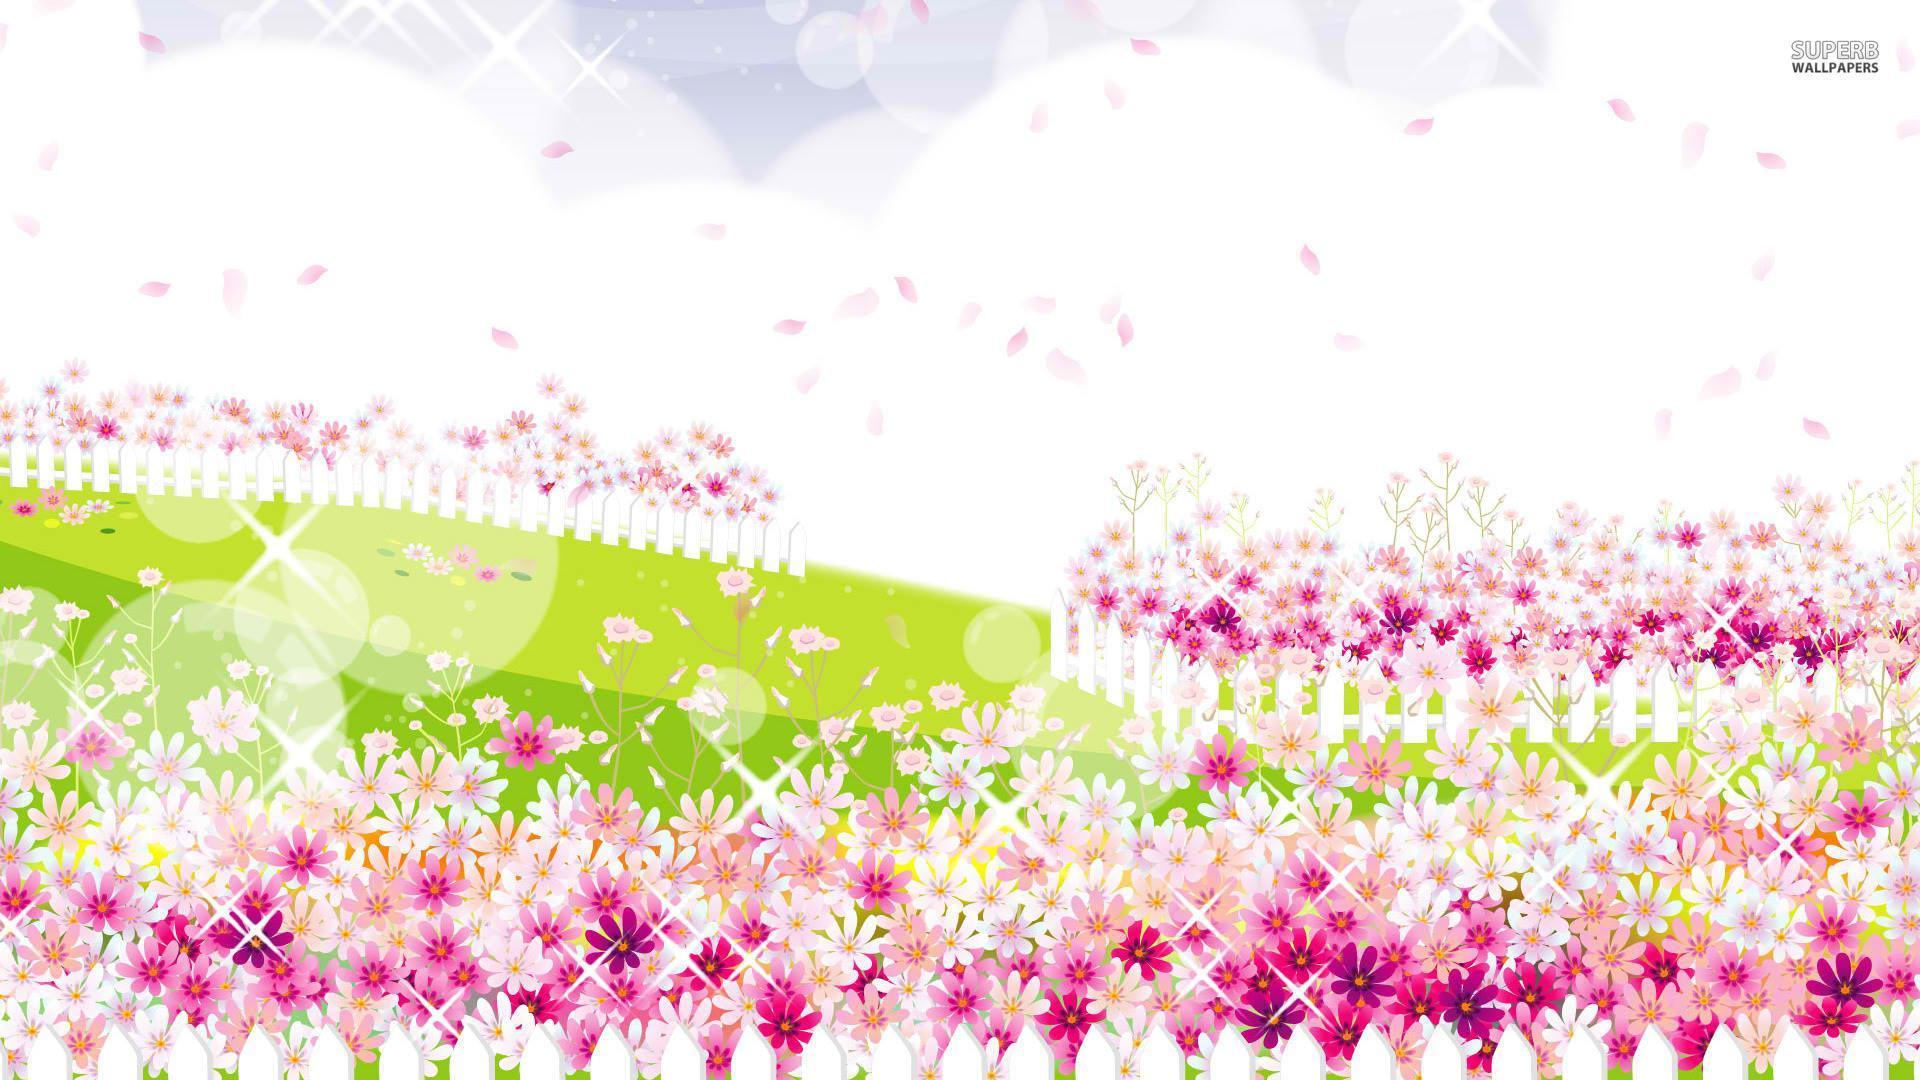 Pink Flower Garden Disney Garden Wallpaper Pink 2015513 Hd Wallpaper Backgrounds Download